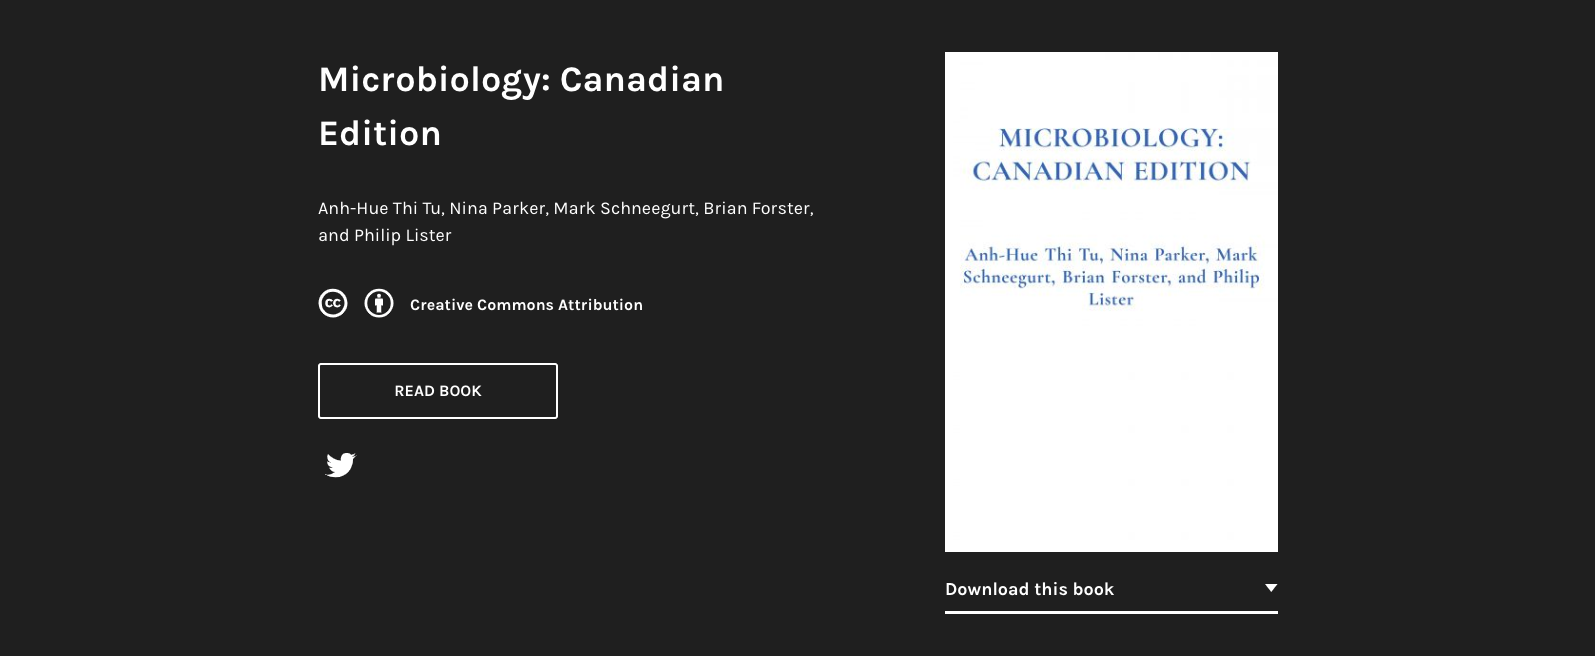 capture d'écran d'une page Web en noir et blanc montrant une copie du manuel, Microbiology: Canadian Edition